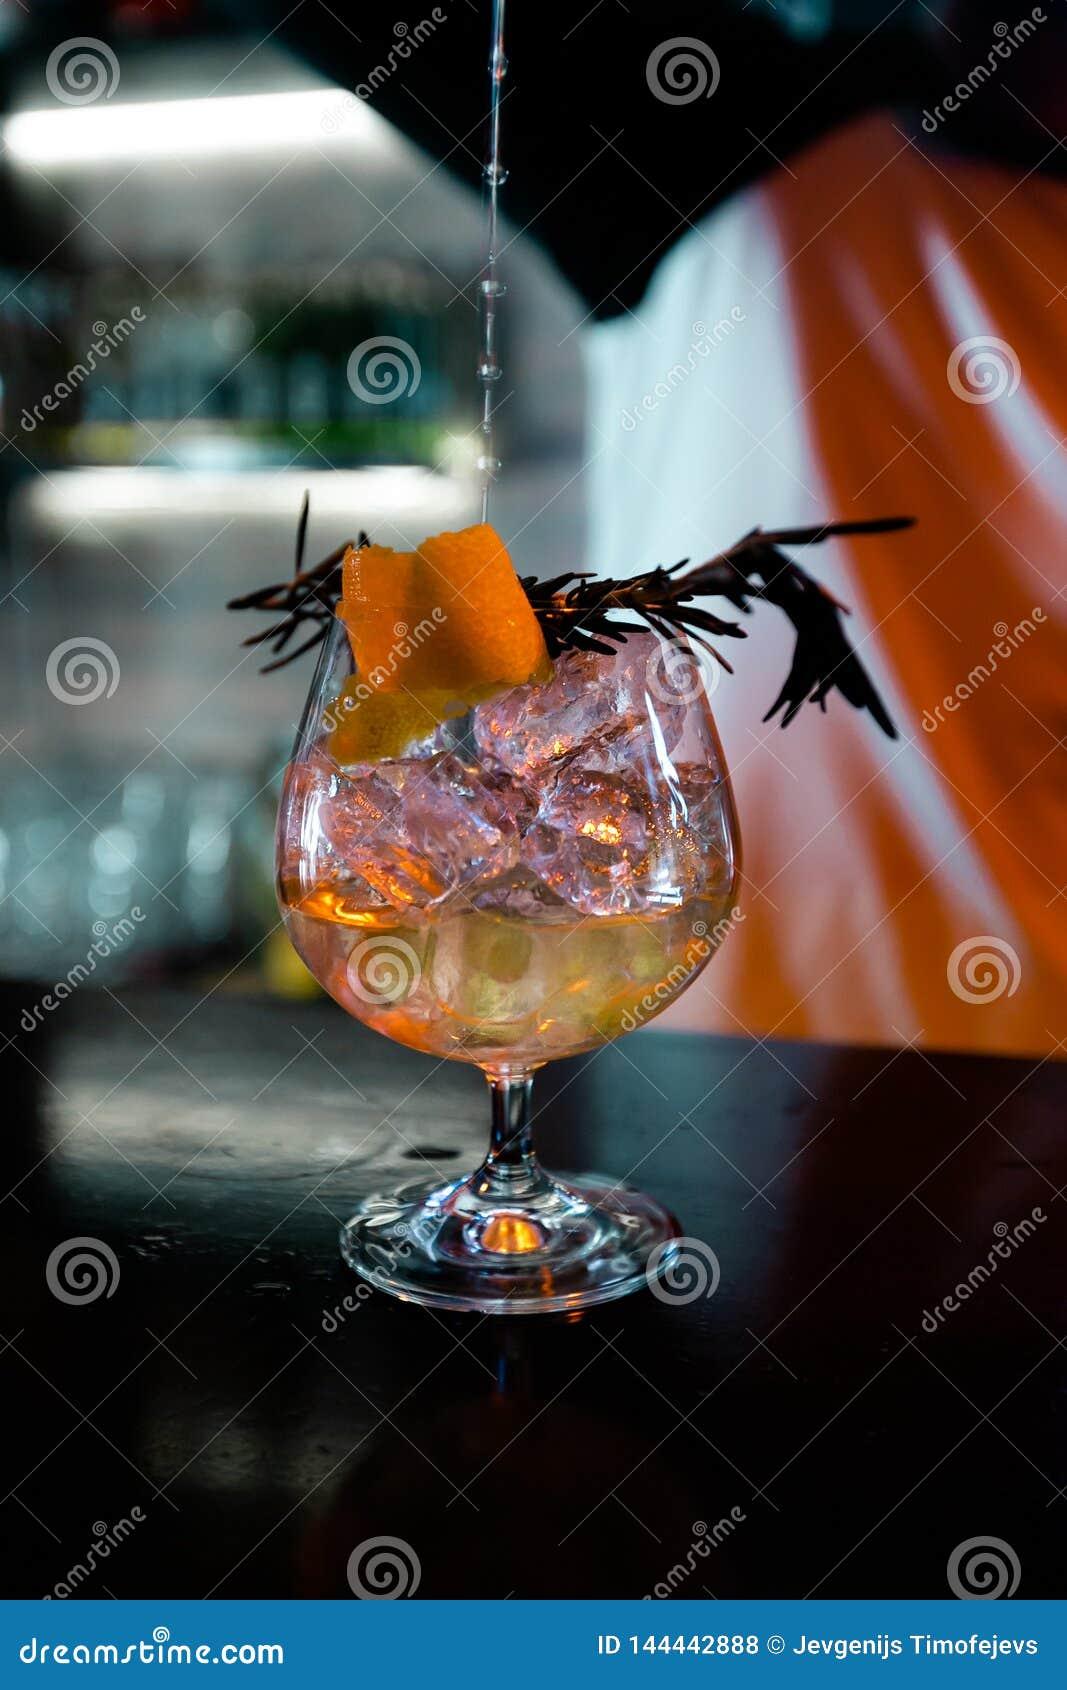 Cocktail pelo empregado de bar em um clube noturno - as habilidades do barman são mostradas